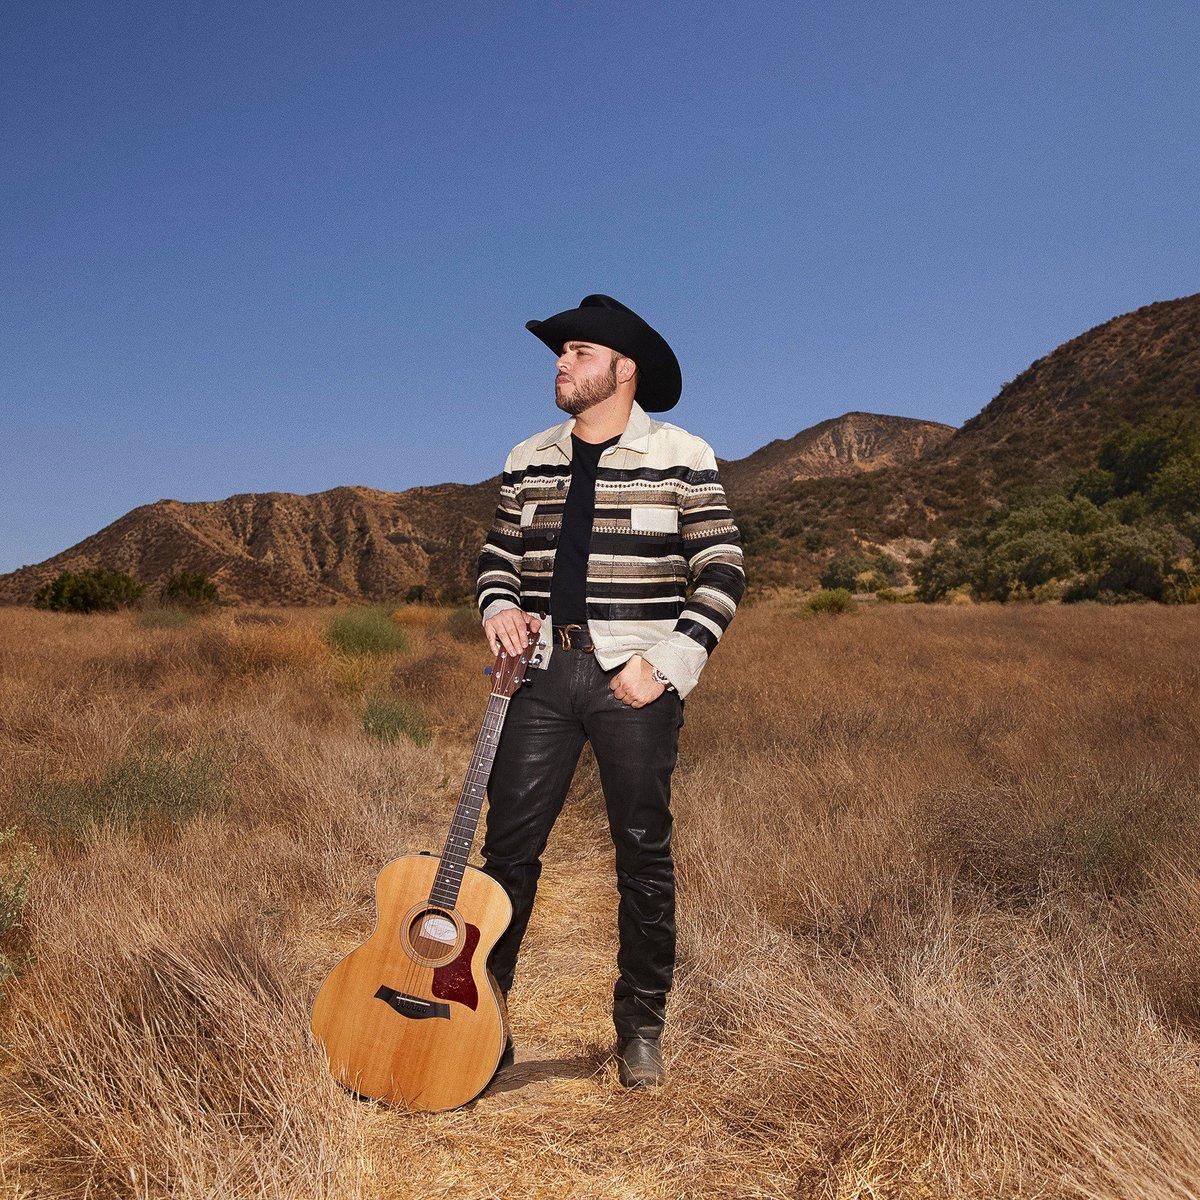 .@gerardoortiznet has earned his respect. Listen to his brand new song Más Caro, que ayer 🎶 spoti.fi/2kI6AzF